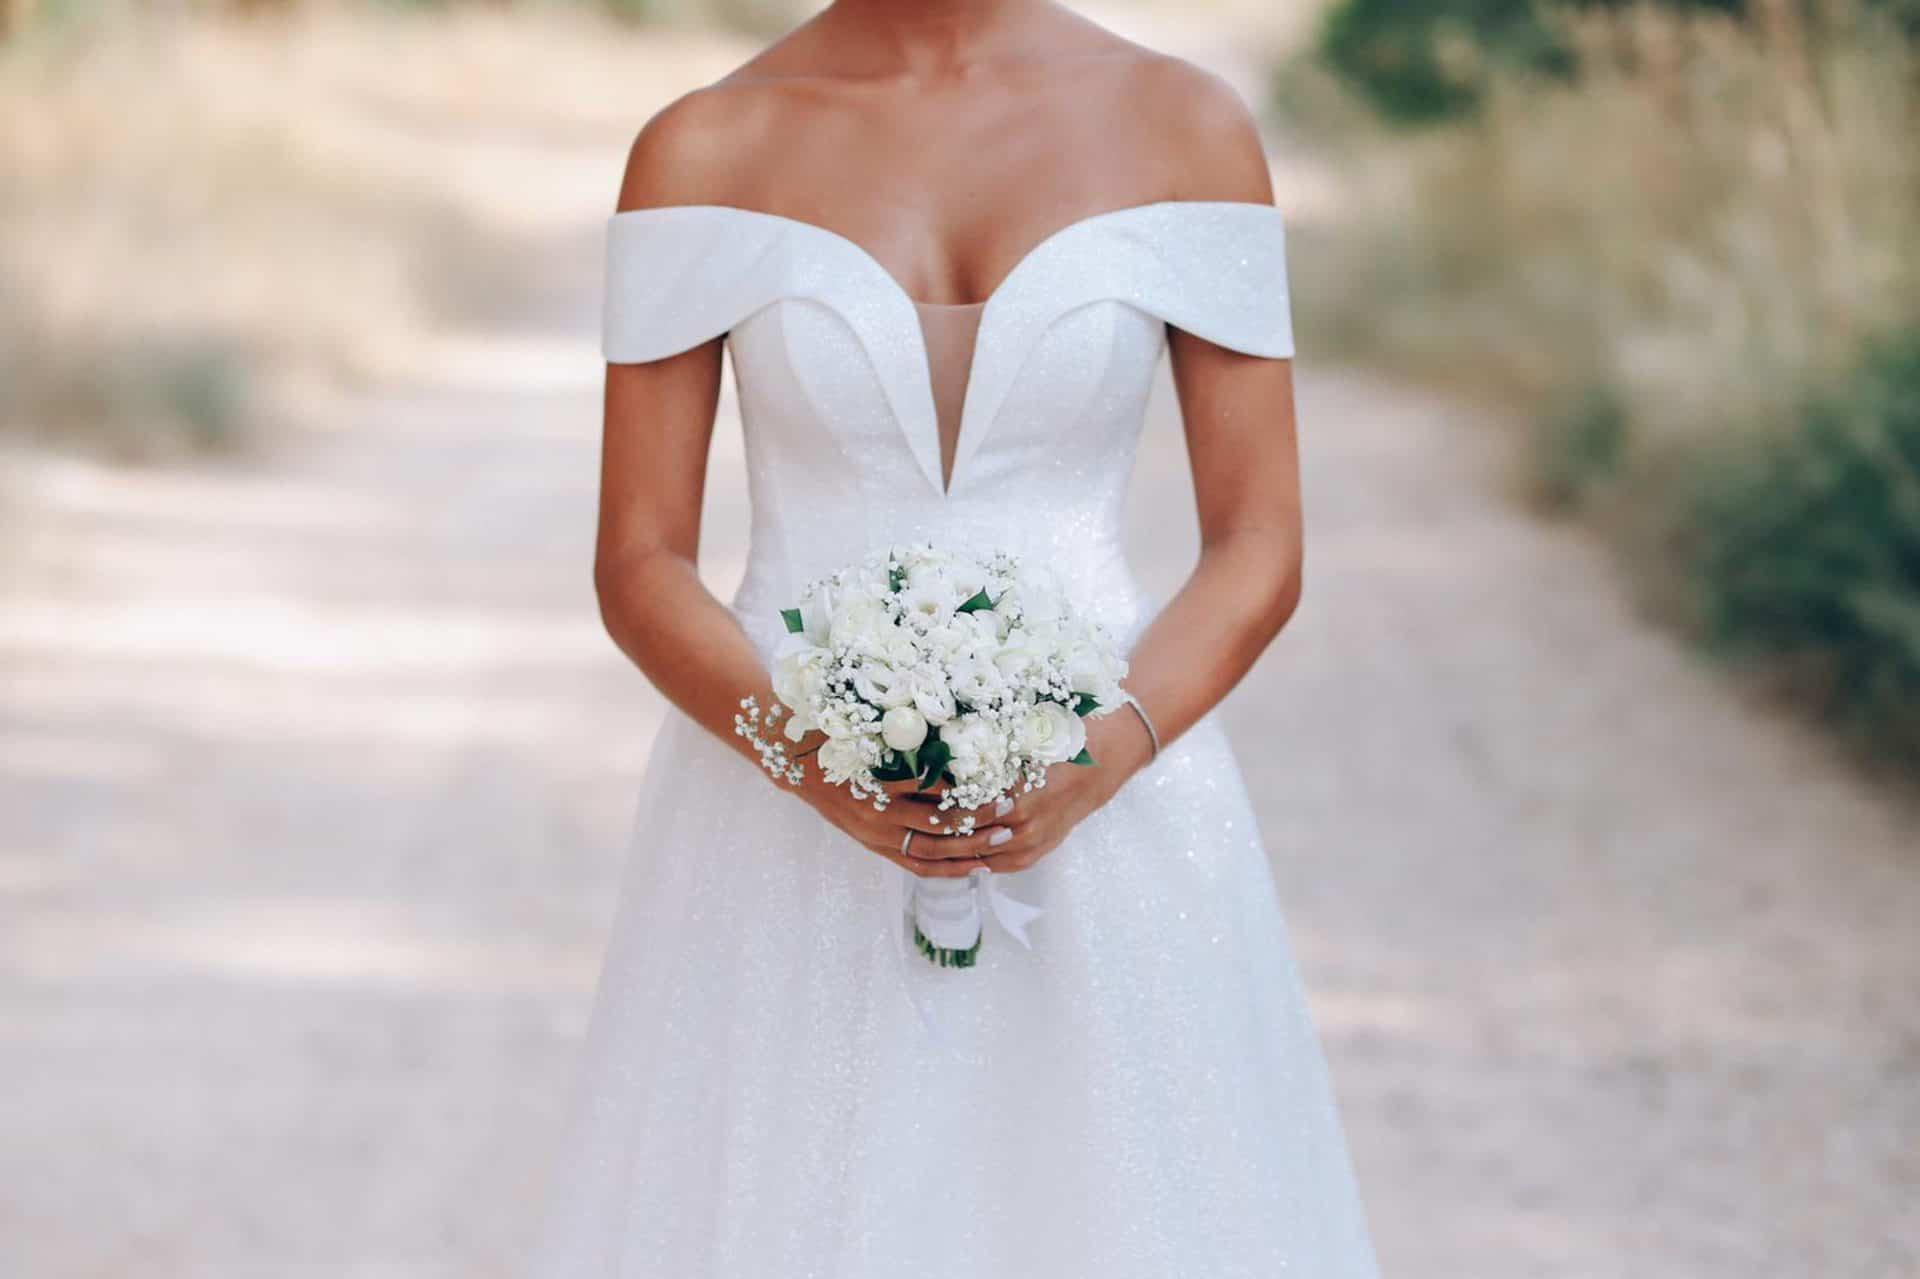 שמלת כלה מעוצבת עם זר פרחים